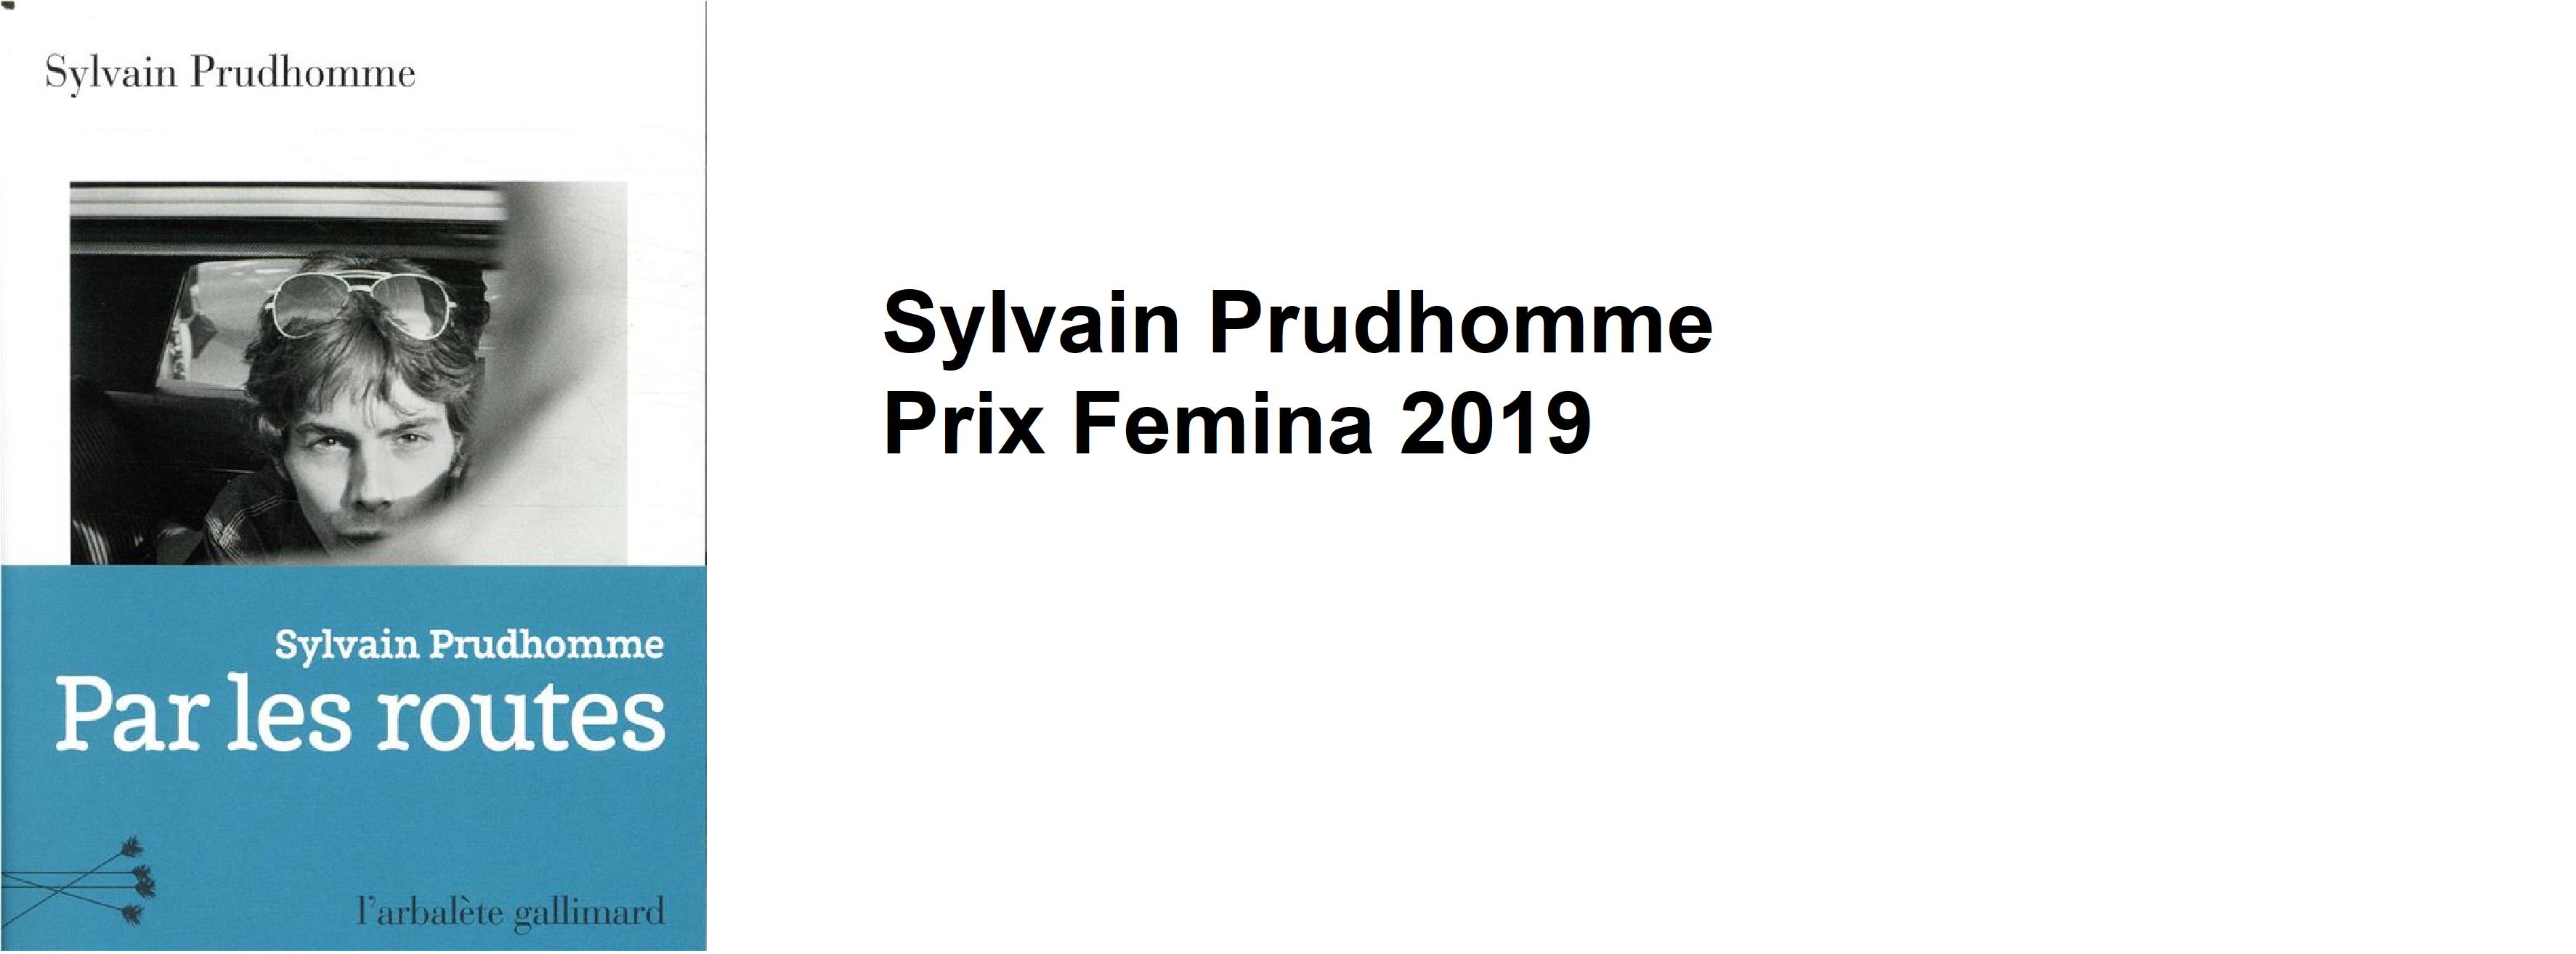 Prix Femina 2019